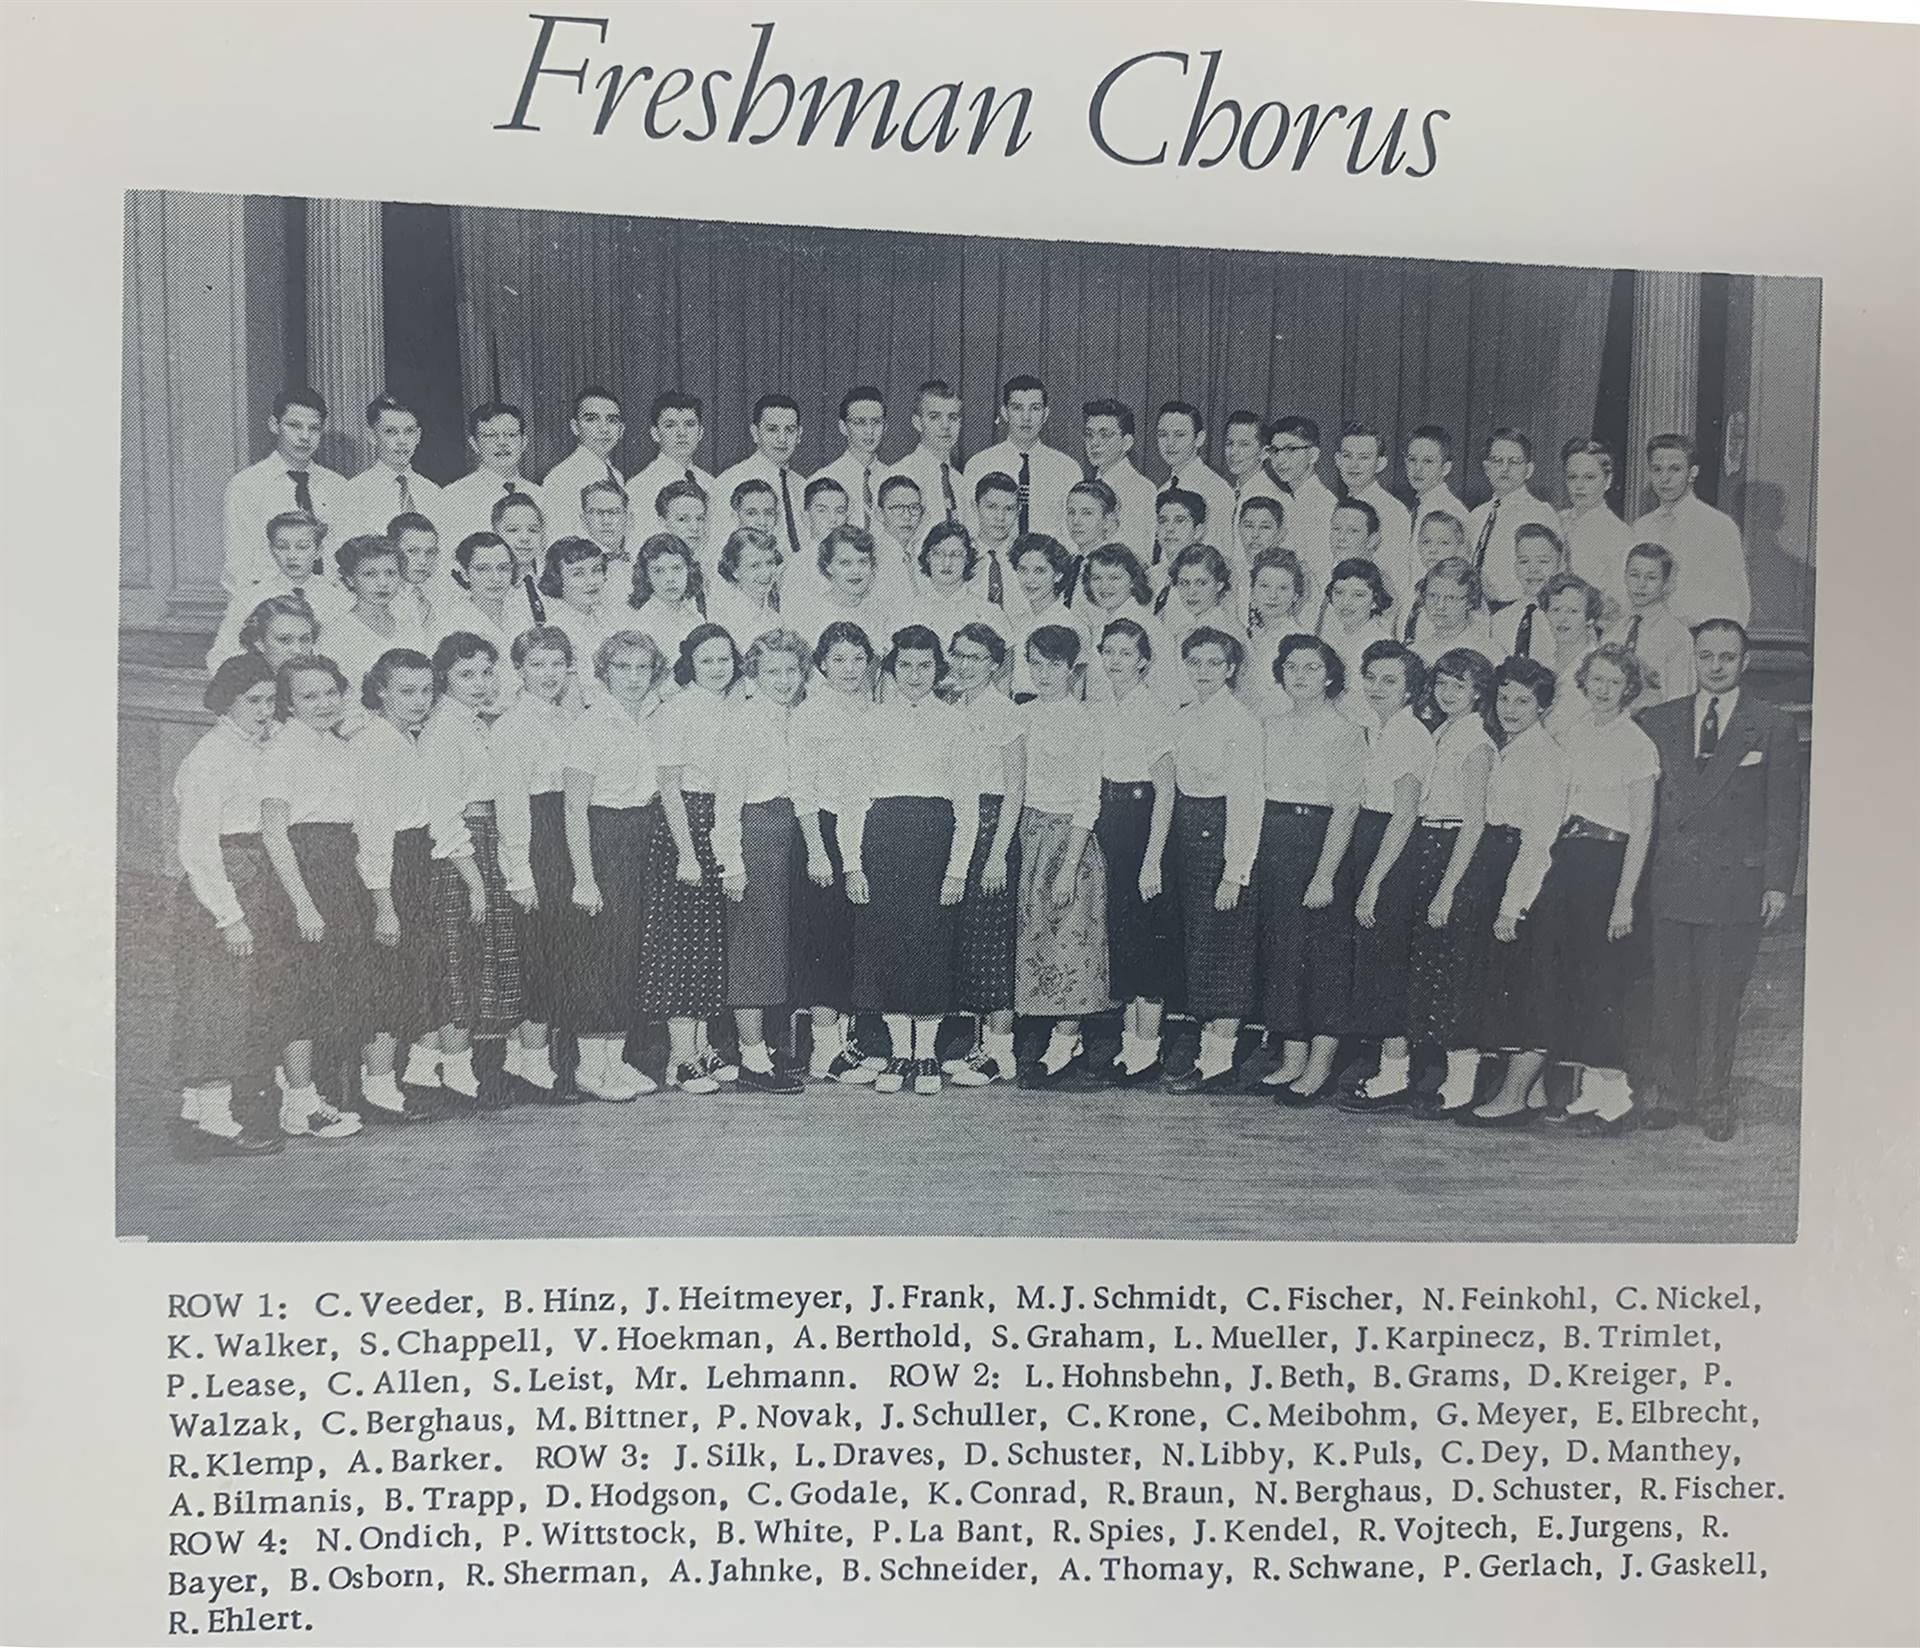 Freshman-Chorus